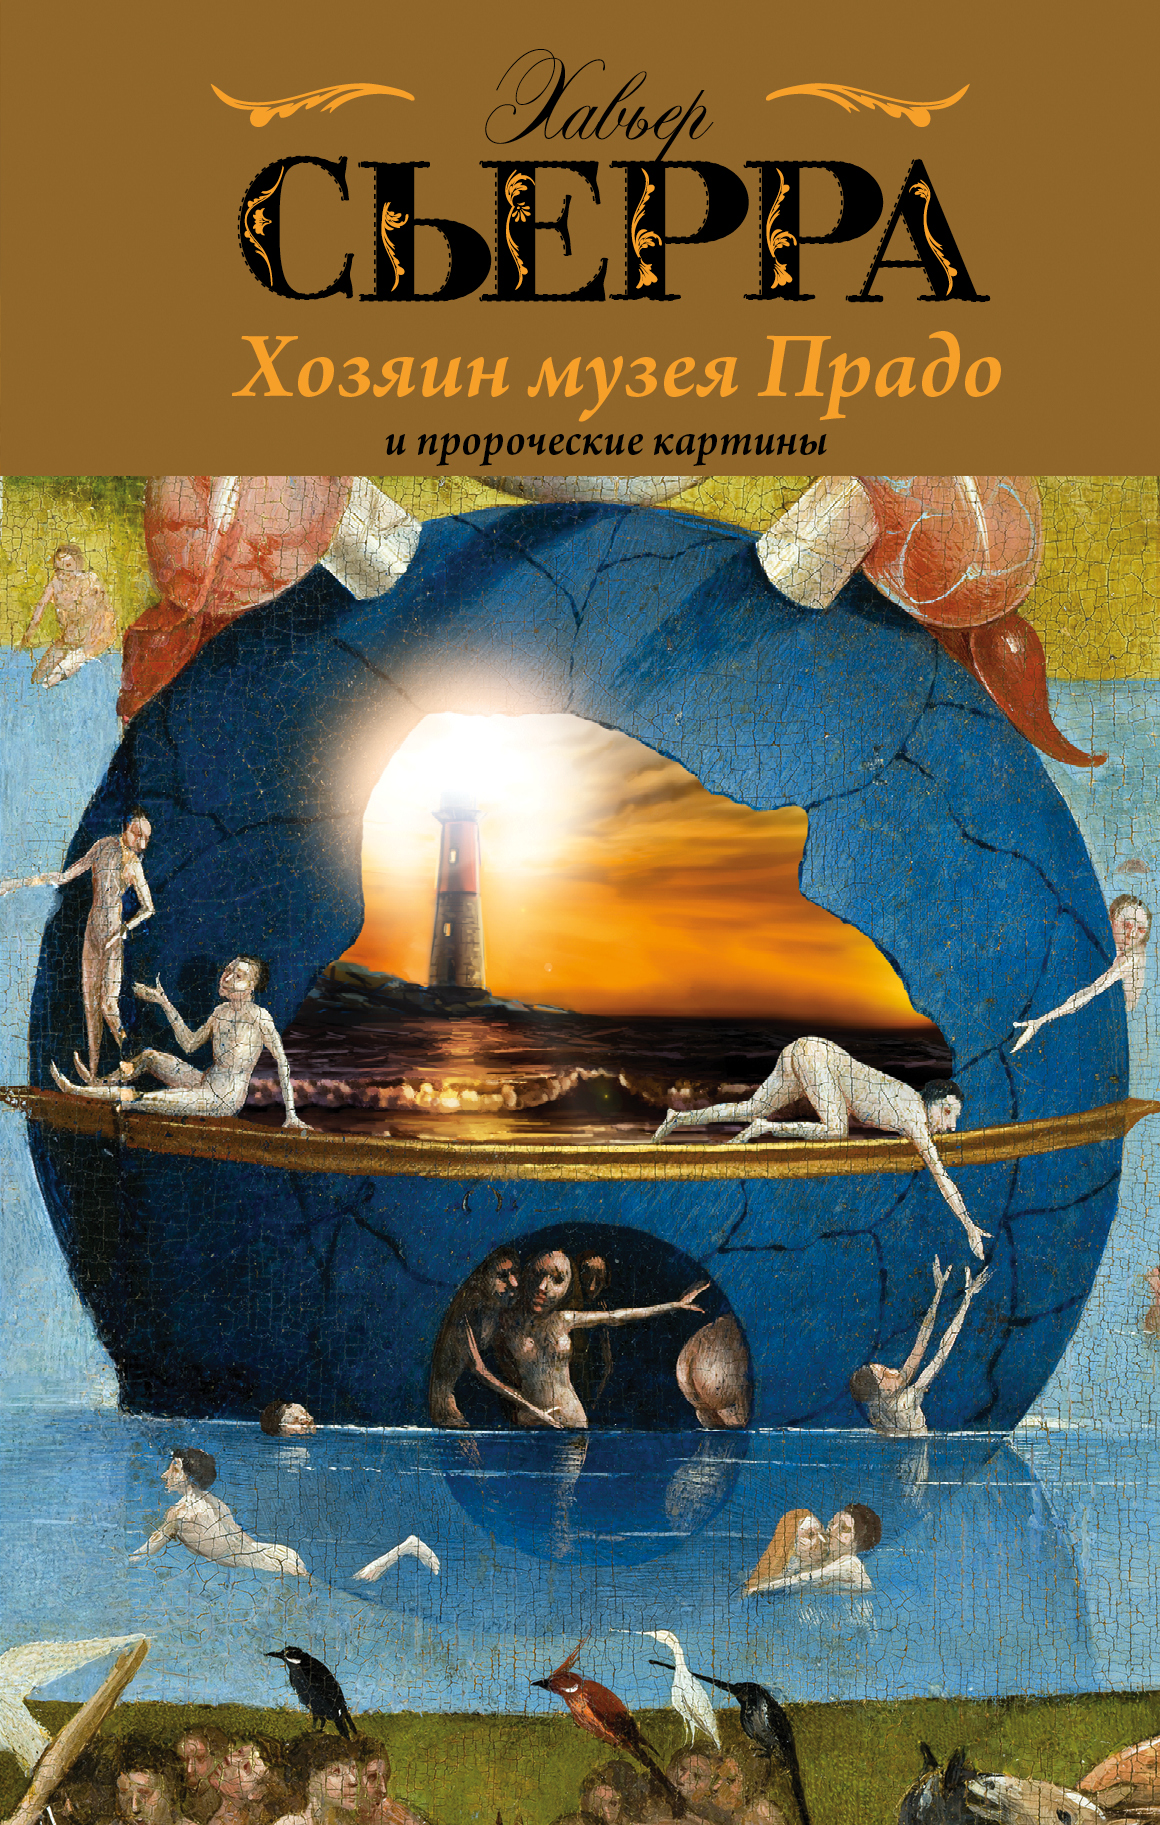 Сьерра Х. Хозяин музея Прадо и пророческие картины 20 диски на 150 прадо